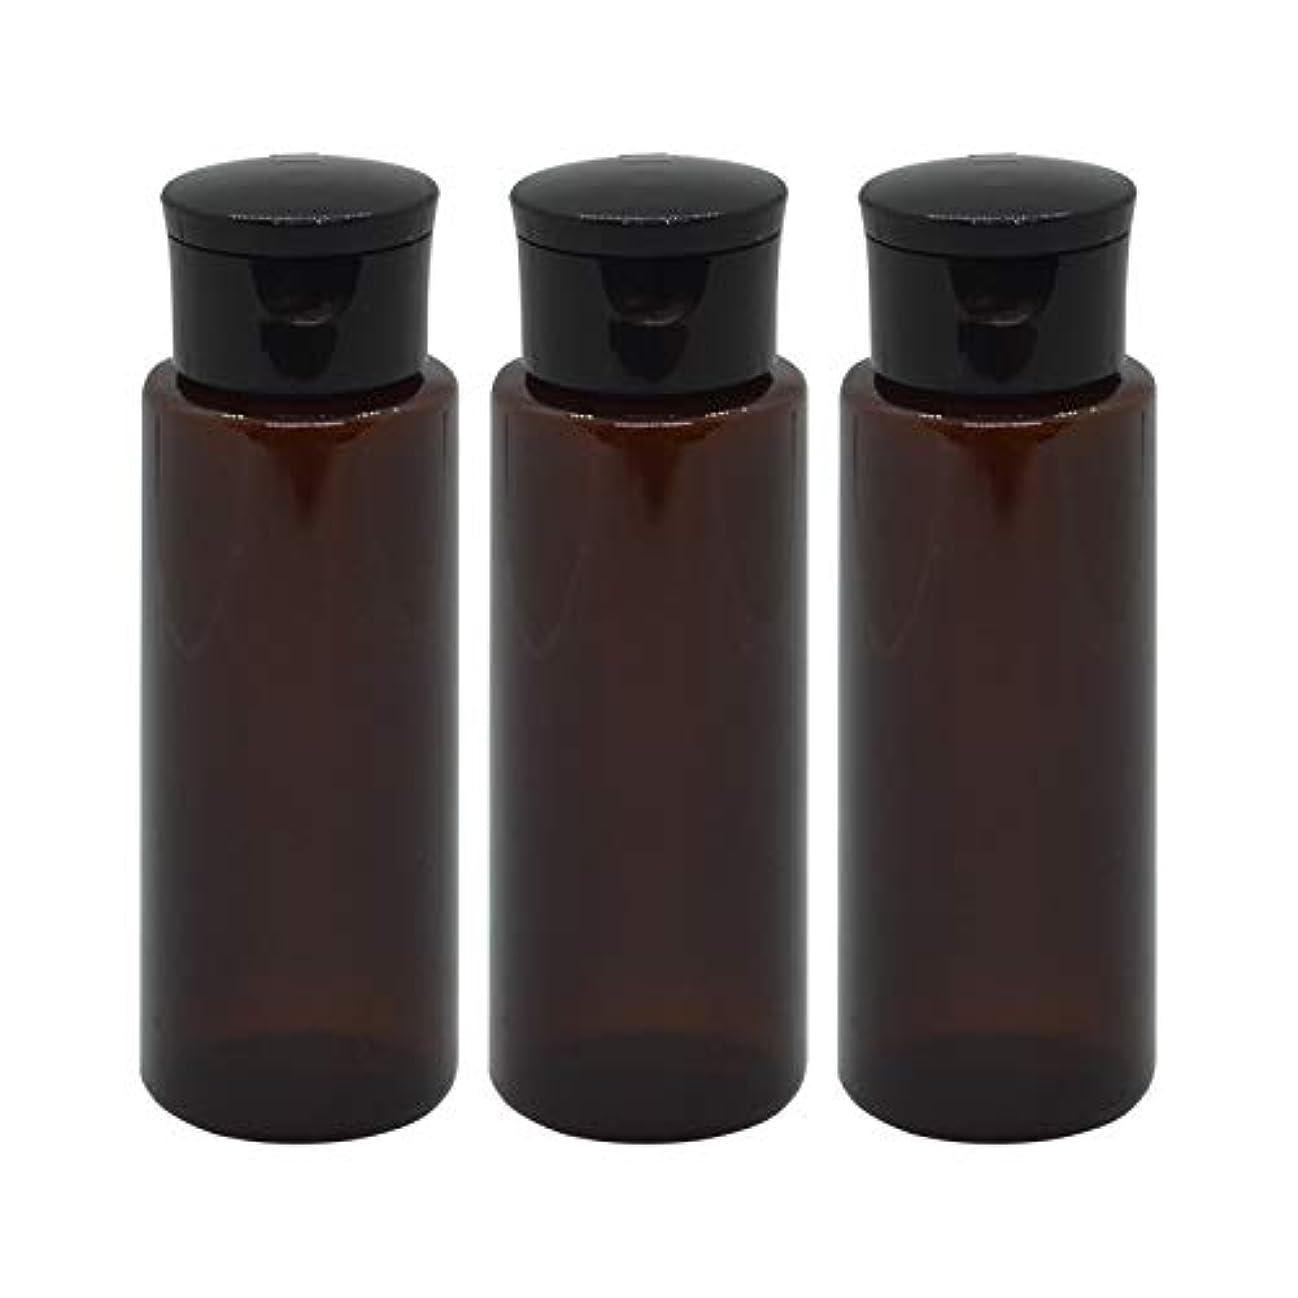 レイアウト希望に満ちたブラザー日本製 化粧品詰め替えボトル 茶色 100ml 3本セット ワンタッチキャップペットボトル クリアブラウン